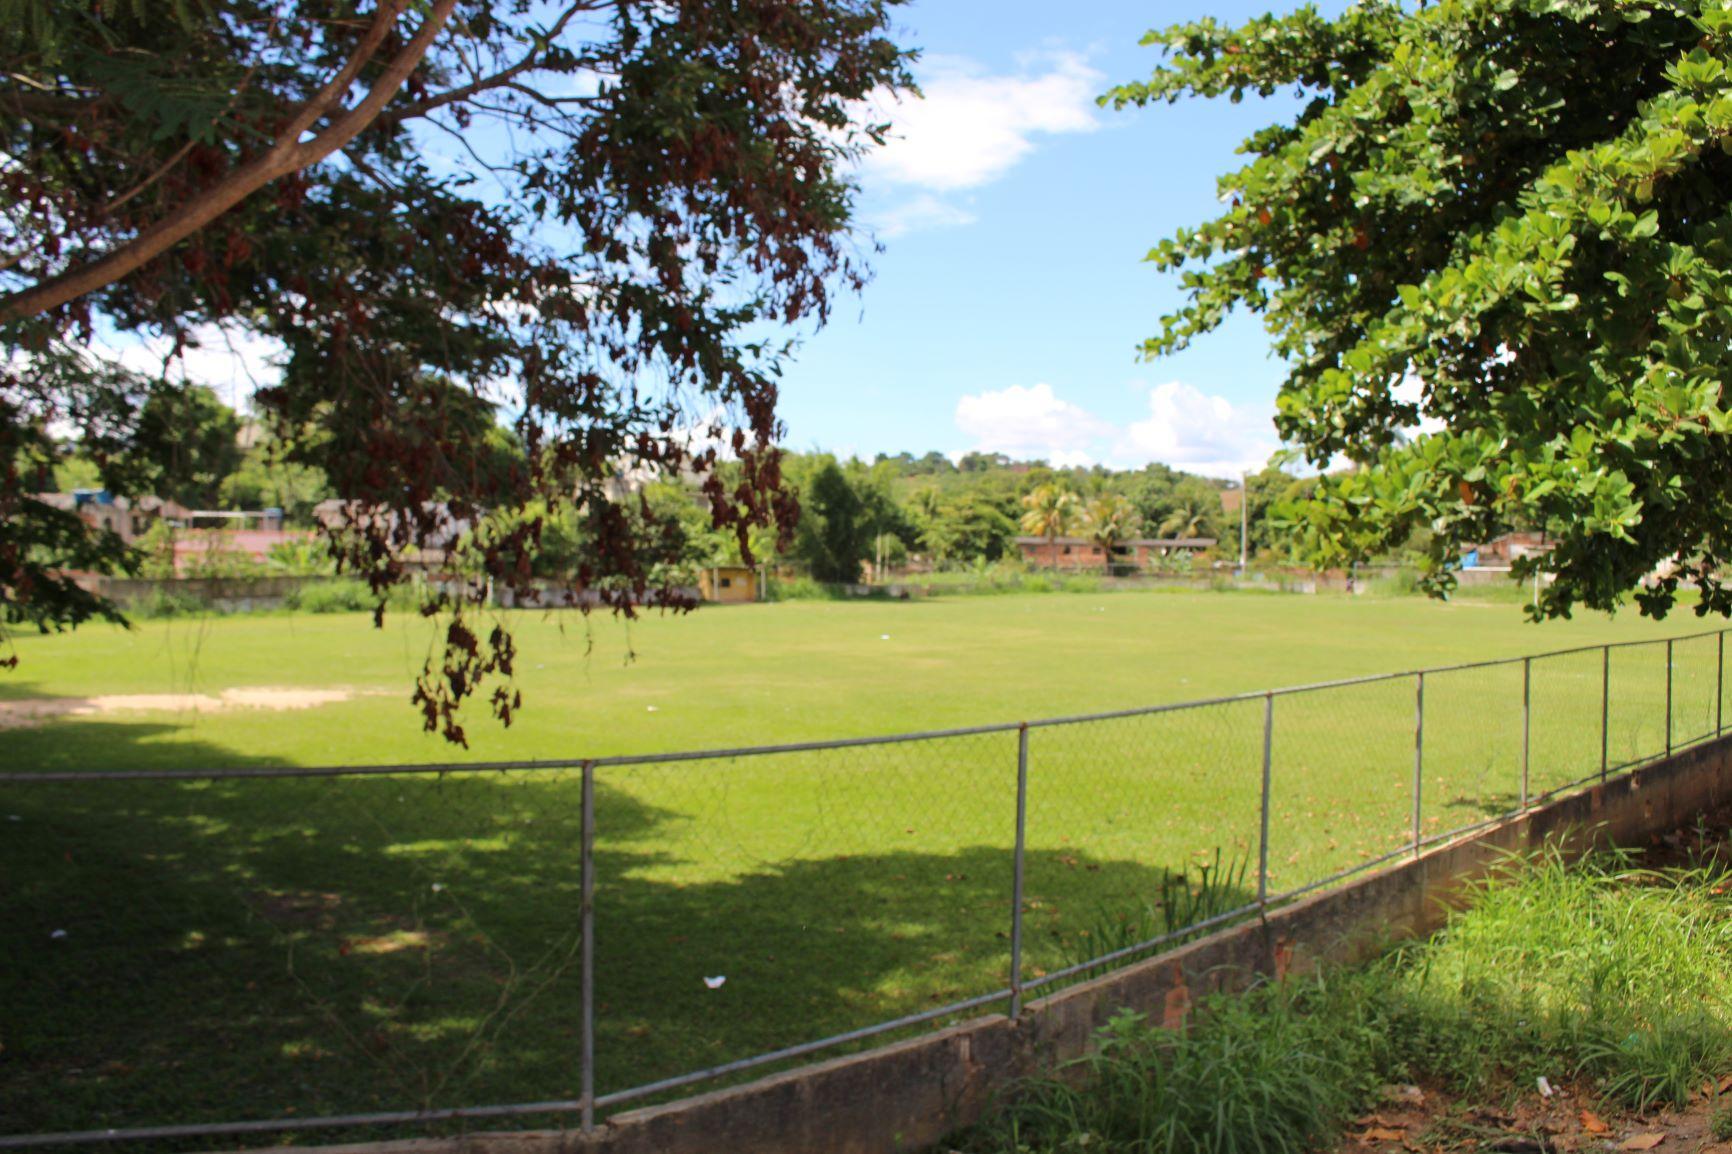 Campo de futebol na área do hoje Hospital Tavares de Macedo: rivalidade entre times de internos nos tempos da colônia de hanseníase (Foto: Yuri Fernandes)